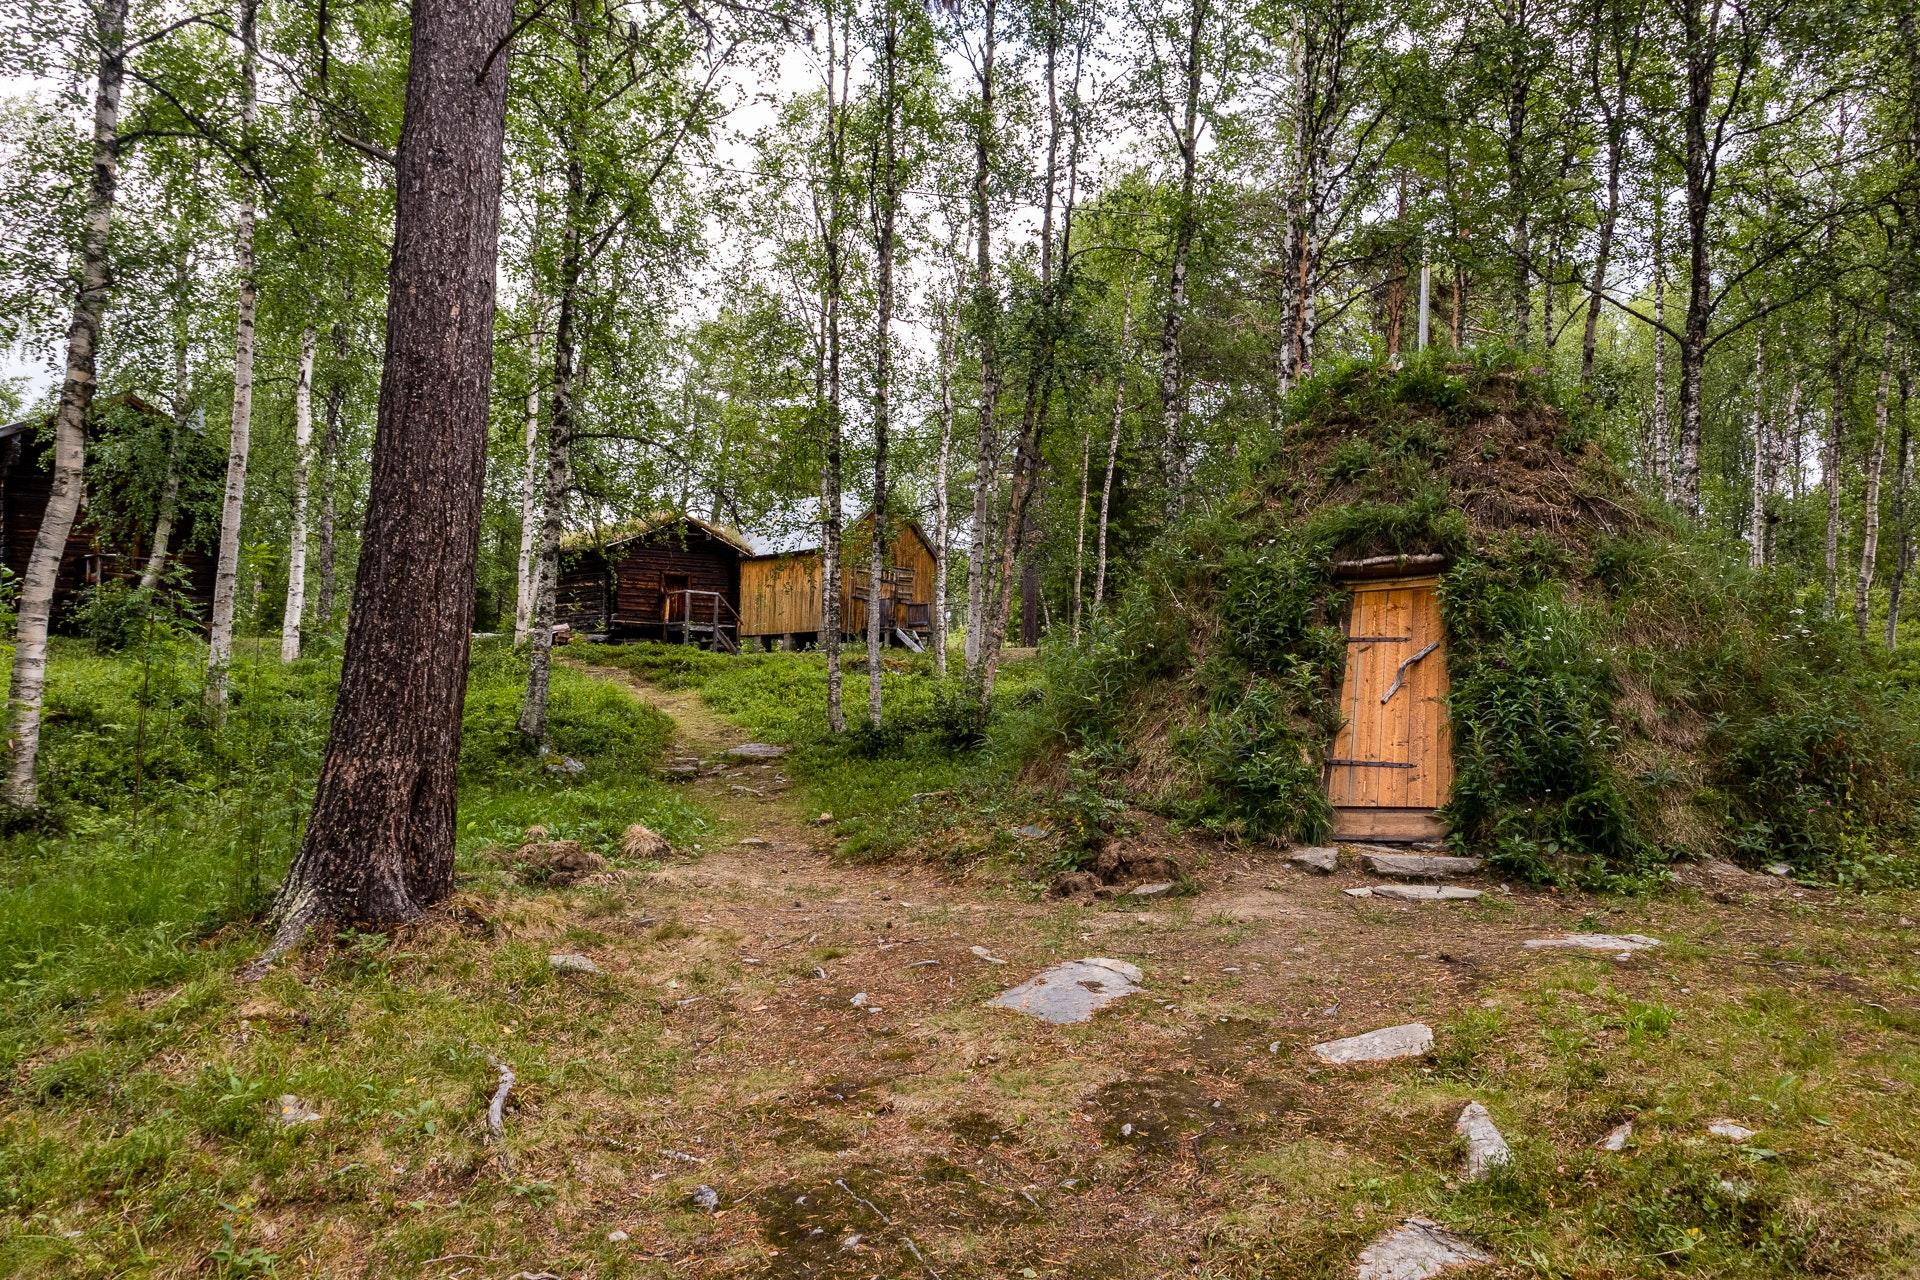 Lapplatsen Sami Kyrkstad